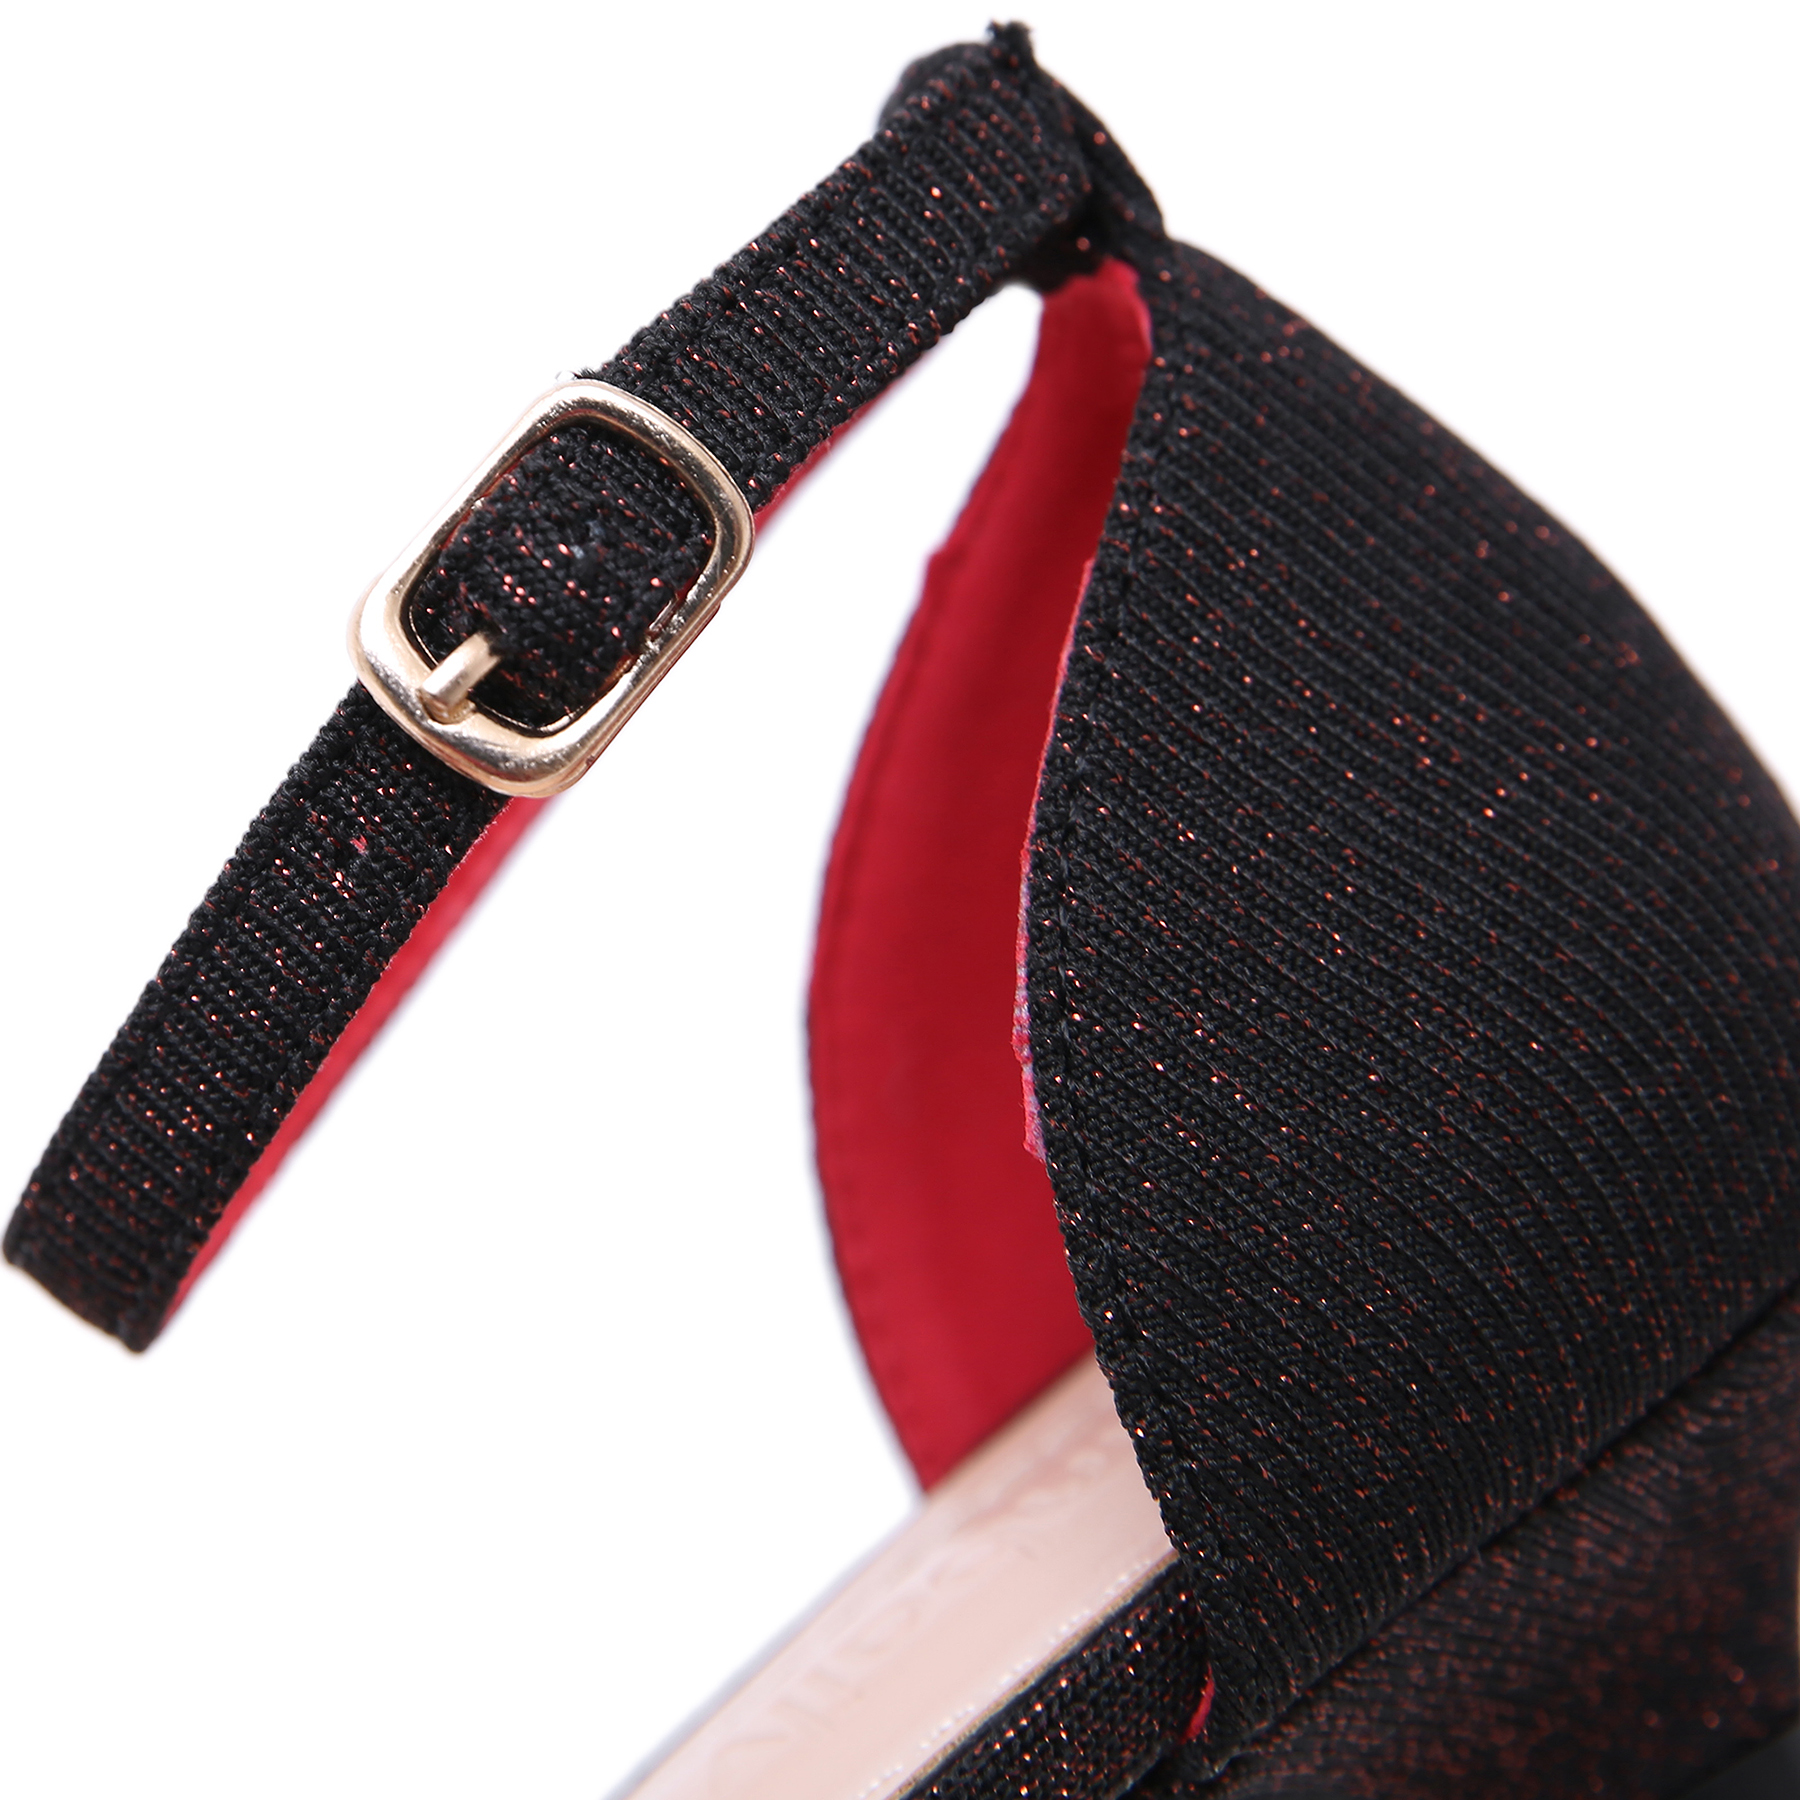 Femme Pompes 2019 Chaussures Mode Bas Rétro 42 Robe Sangle Taille Pointu Talons Cheville La Plus Bout Bling rouge gris Noir Femmes Dongcitaci Party Ol 35 8wx4da4q